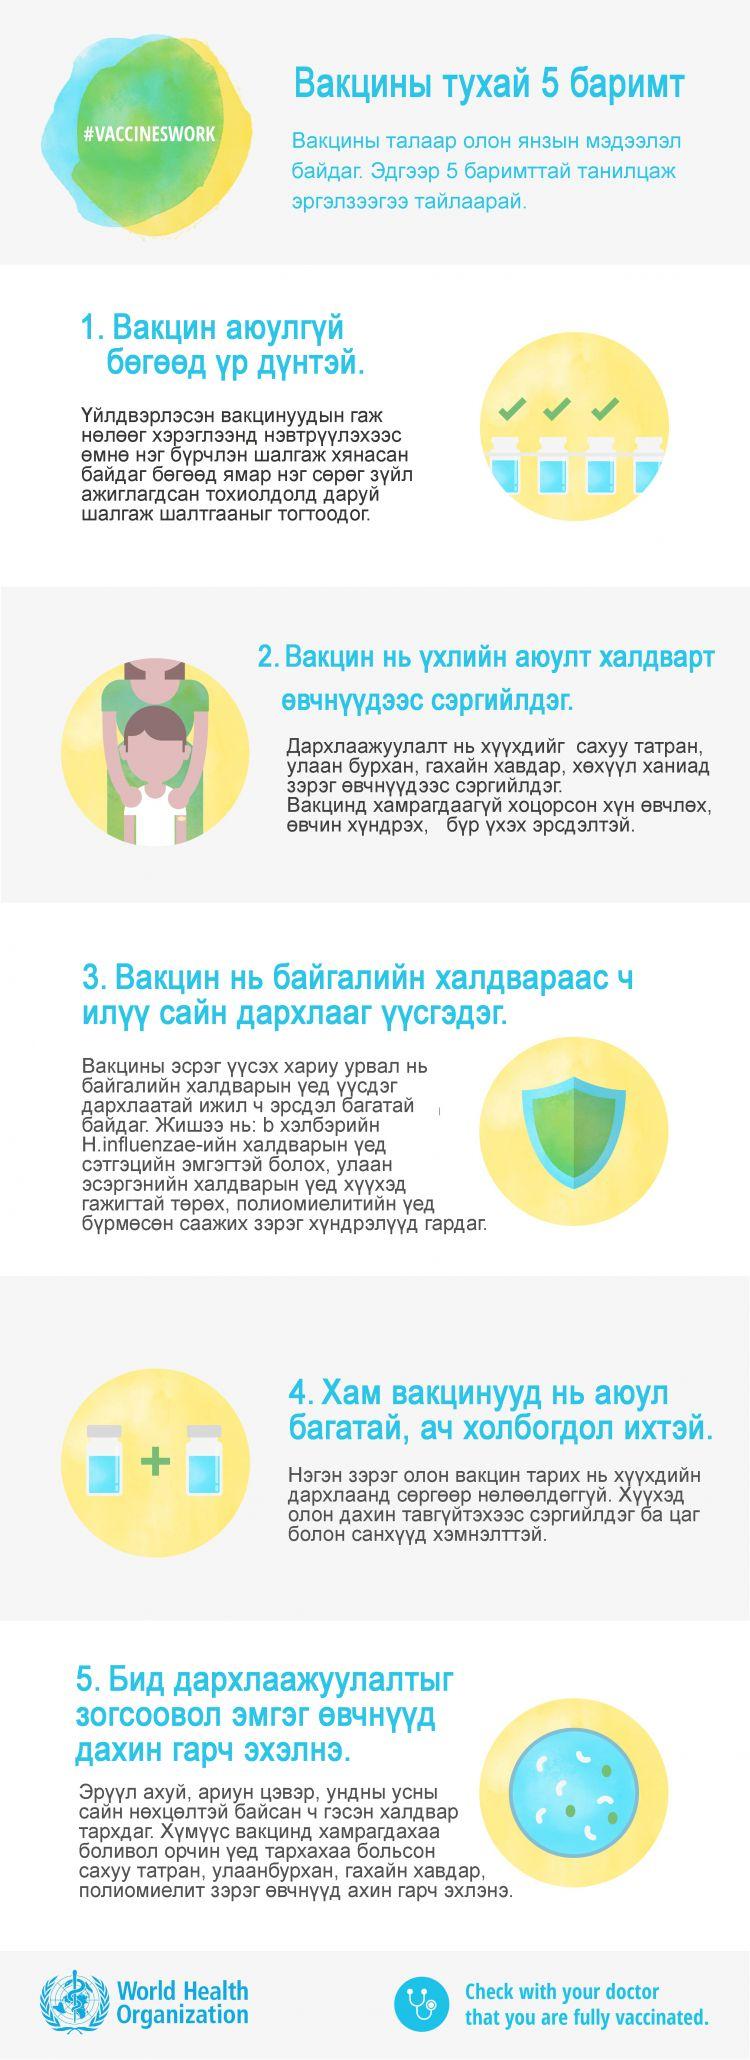 2(4)_19_(1)(2) Вакцины тухай баримтууд